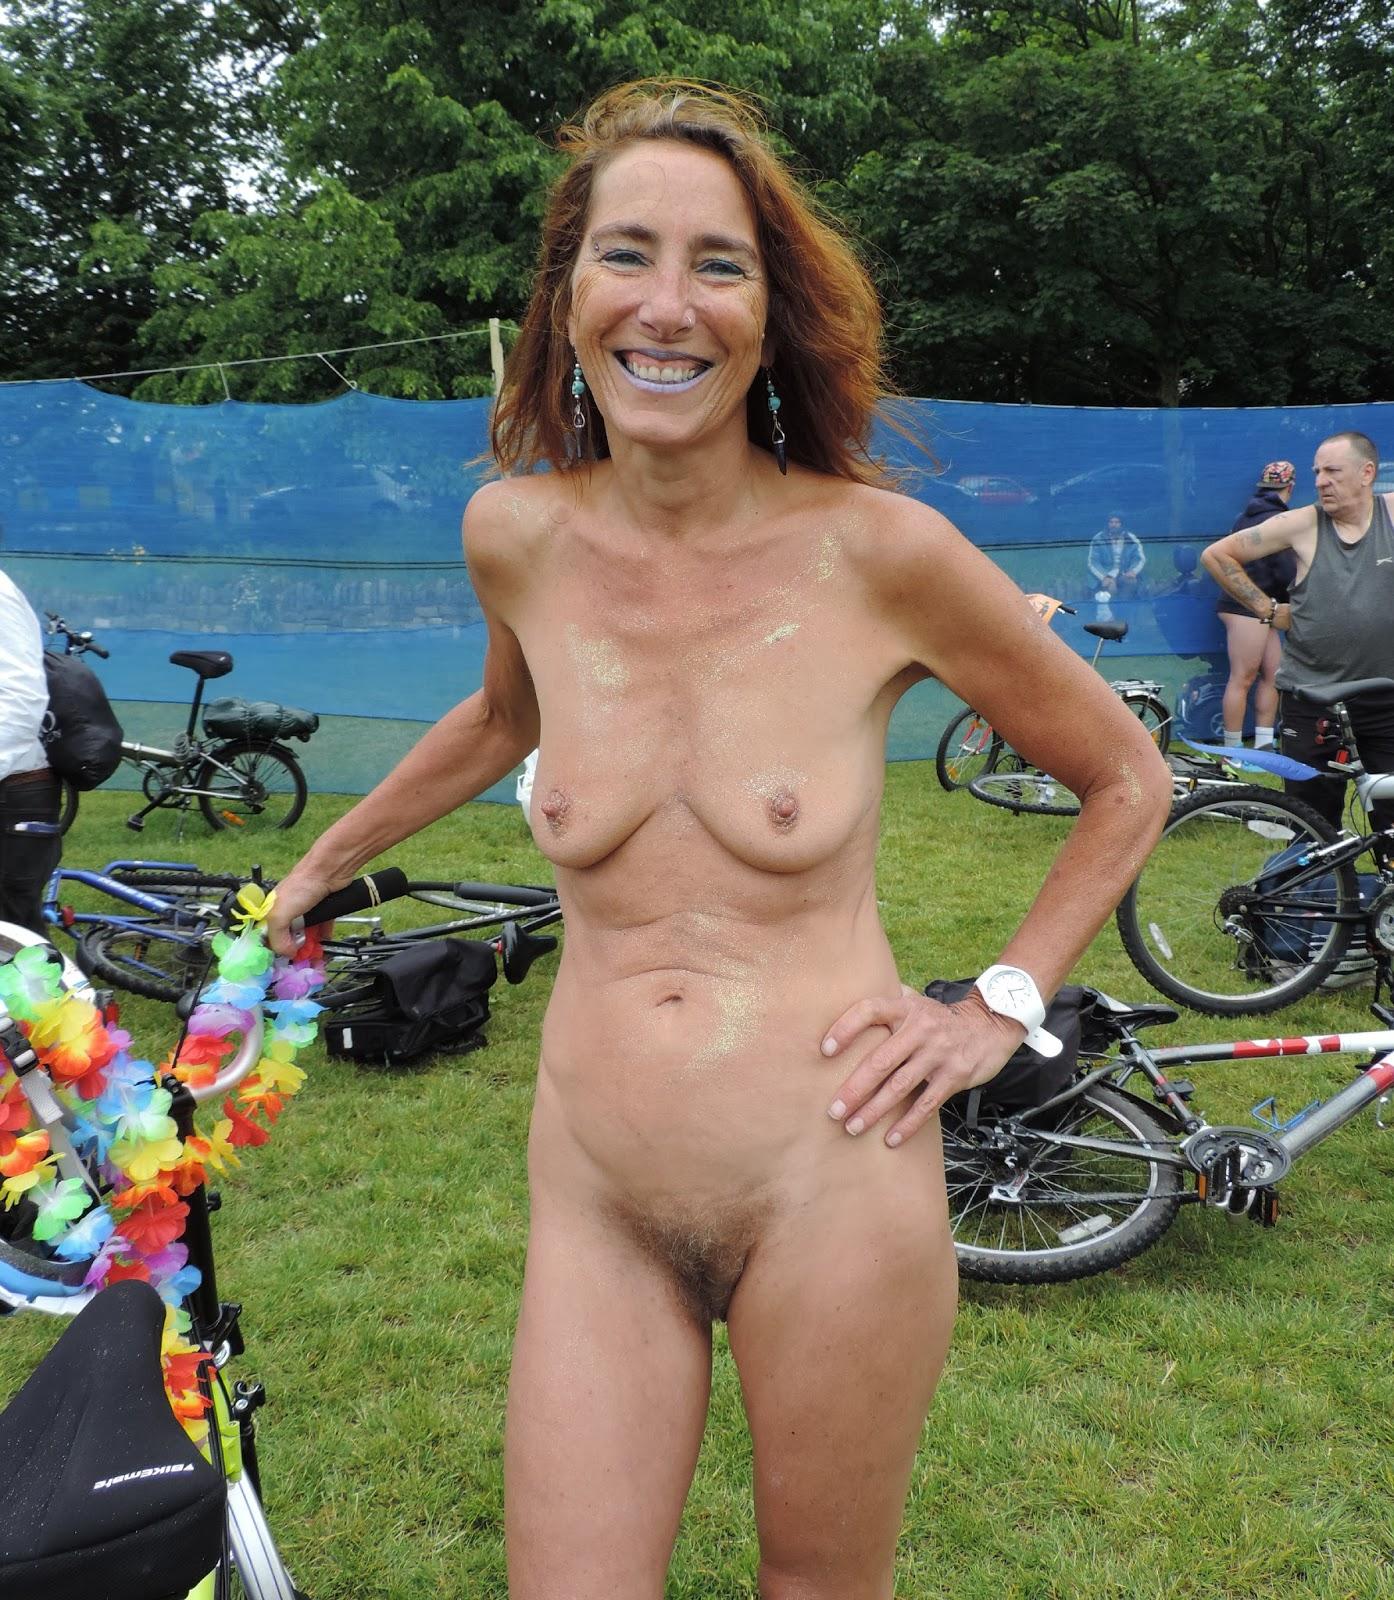 Public nuditity